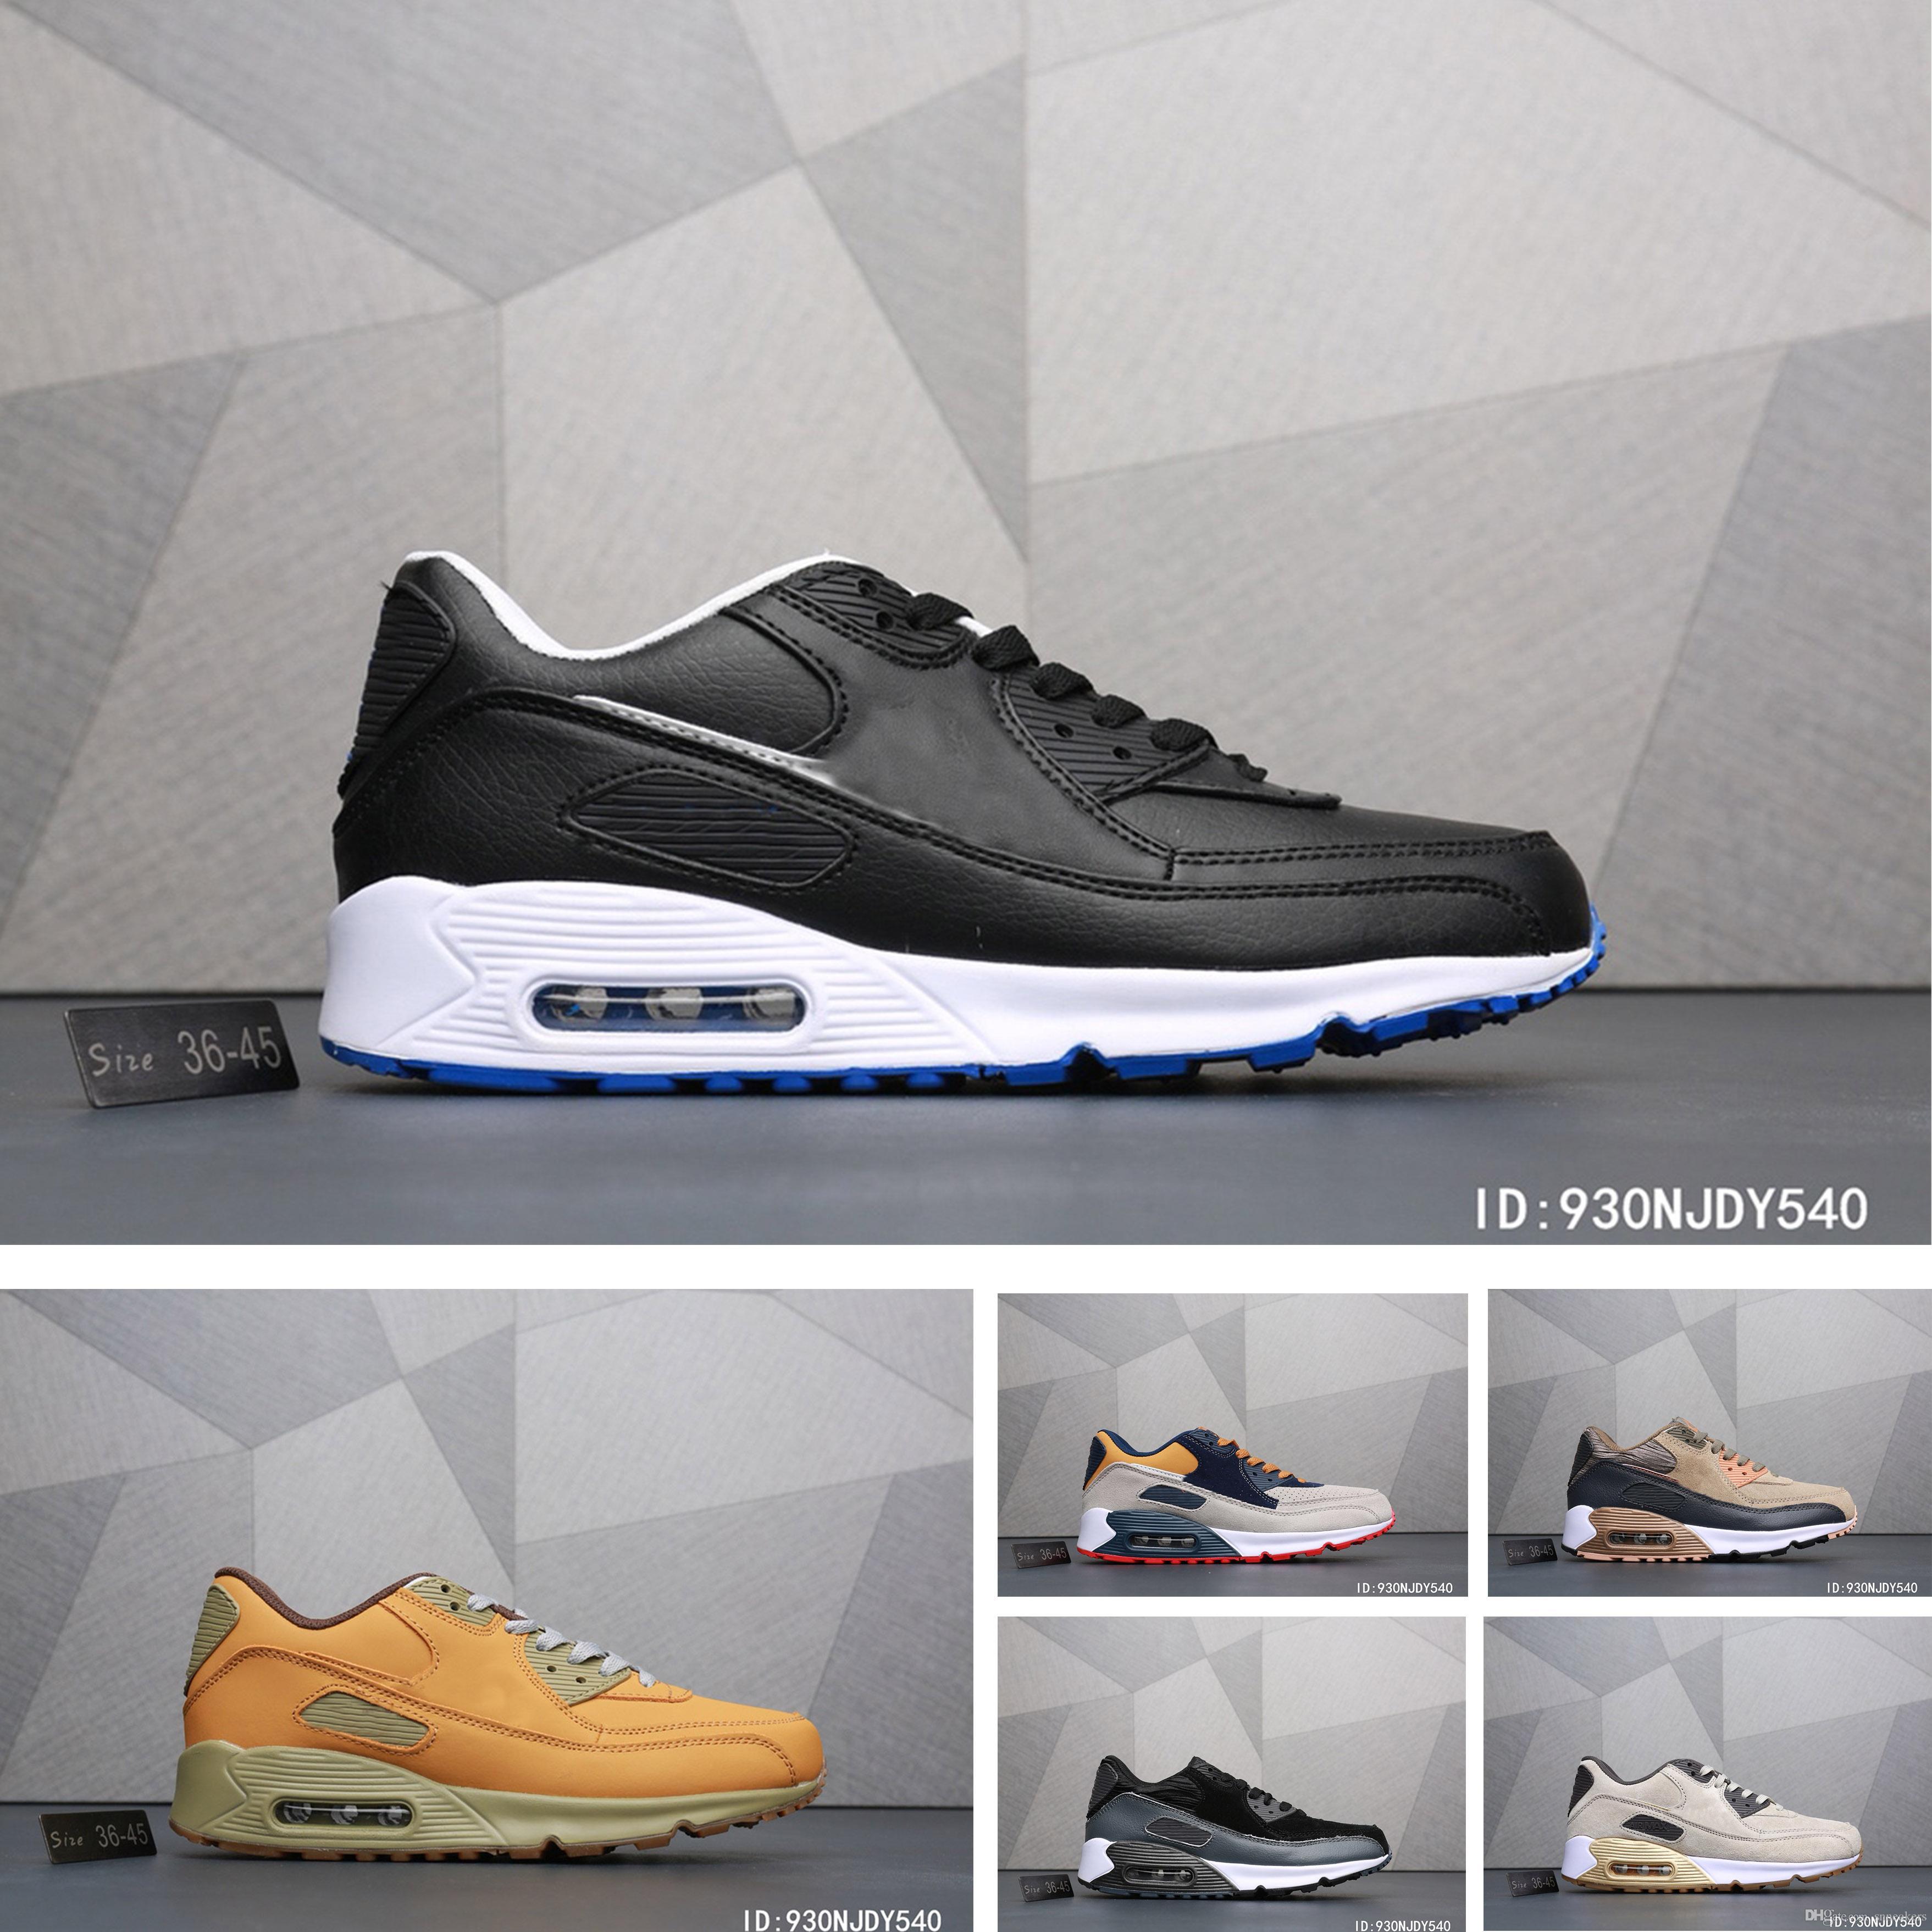 a38fb3454ac Acheter Nike Air Max 90 Ultra Designer Shoes Nouvelle Arrivée De Marque De  Luxe Ice Max 90 Chaussures De Sport Pour La Marque Femme Chaussures Homme  Baskets ...